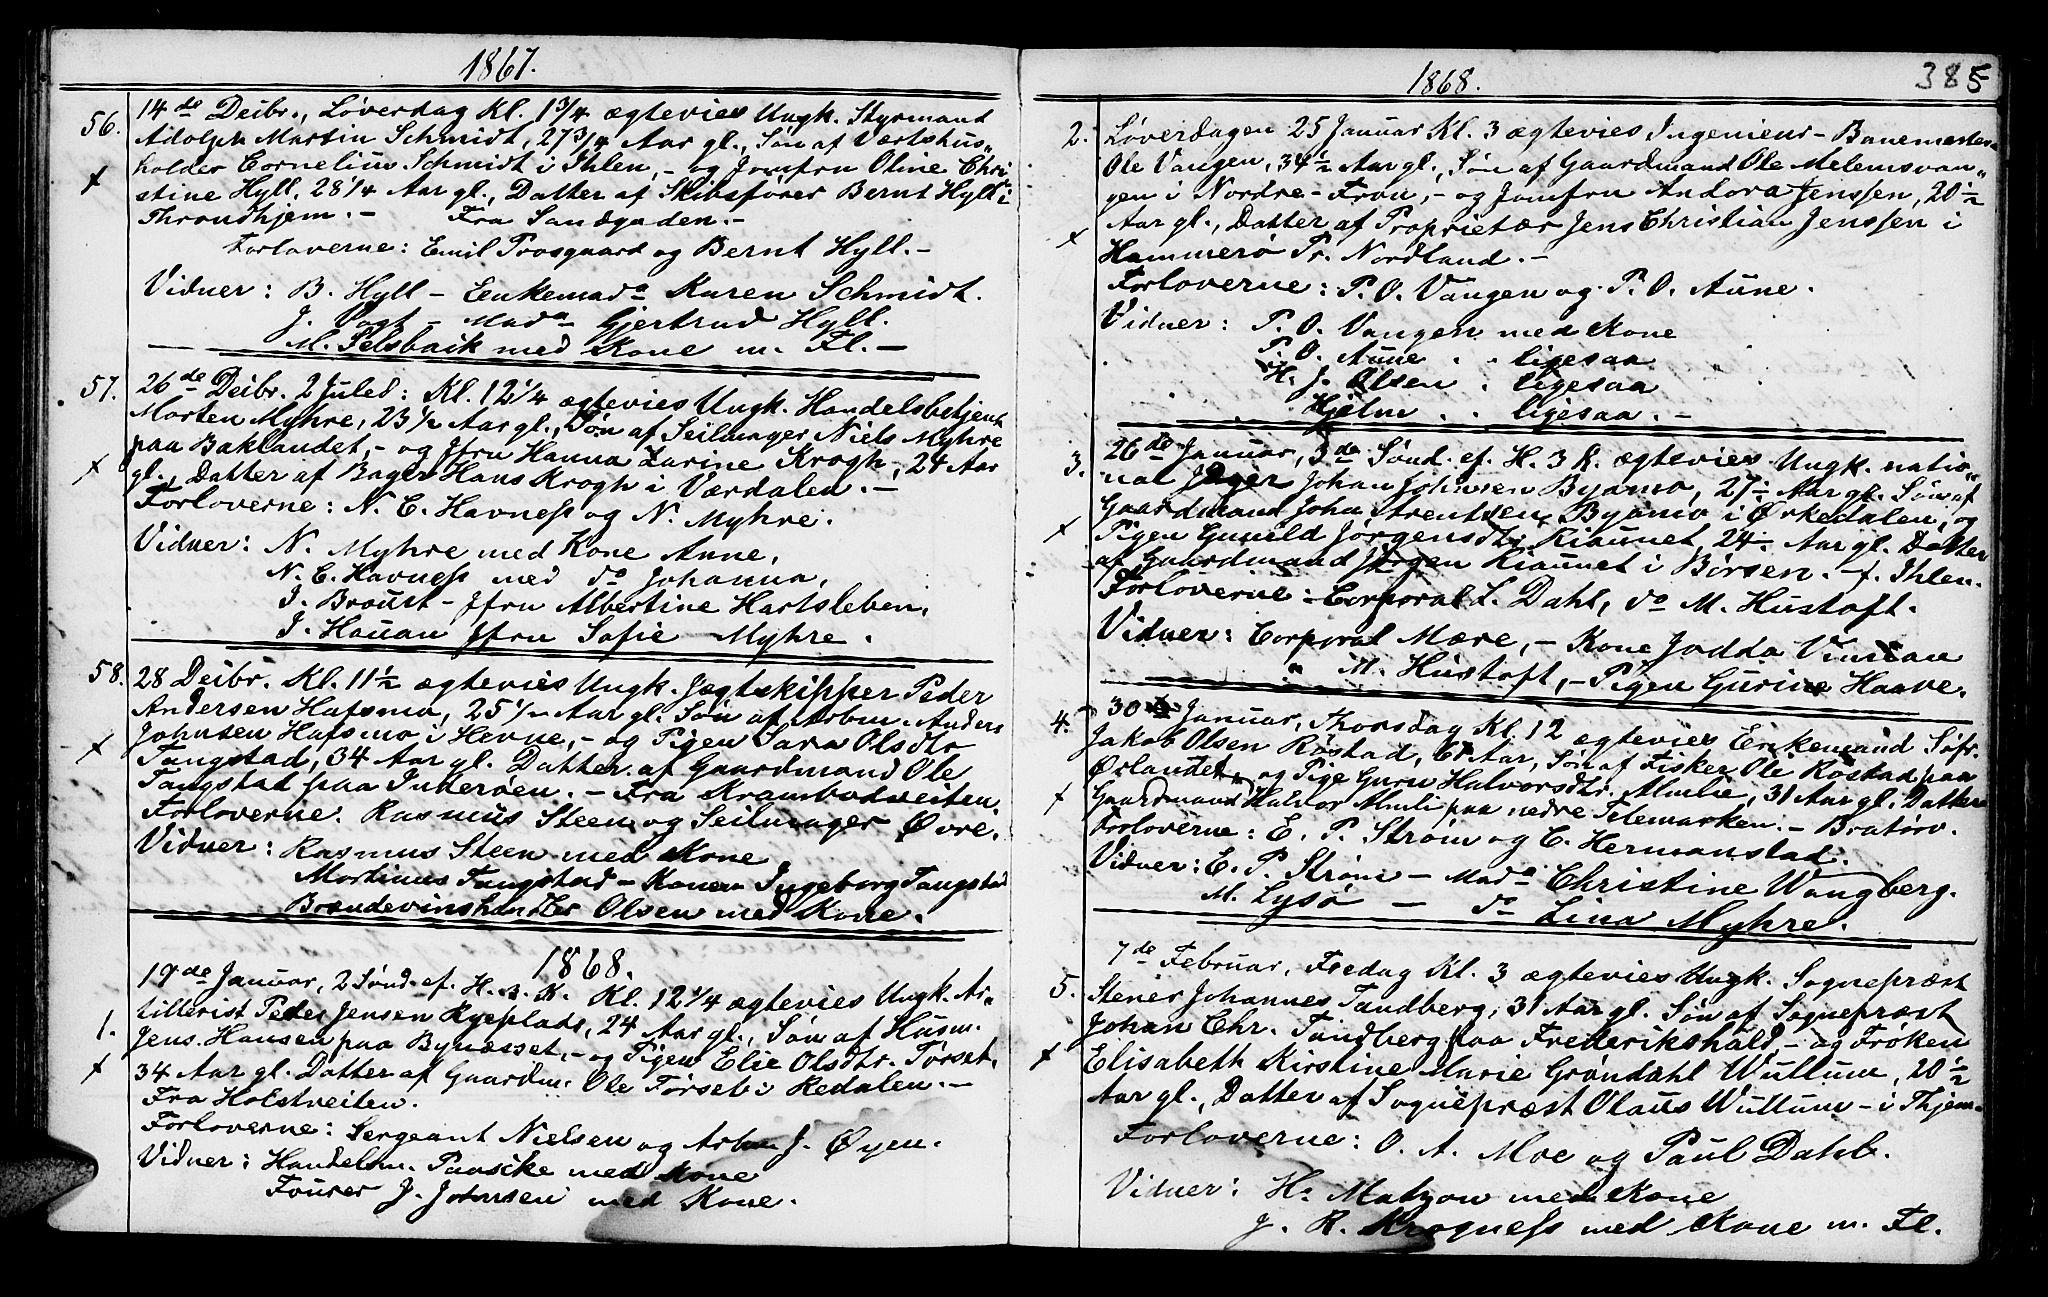 SAT, Ministerialprotokoller, klokkerbøker og fødselsregistre - Sør-Trøndelag, 602/L0140: Klokkerbok nr. 602C08, 1864-1872, s. 384-385